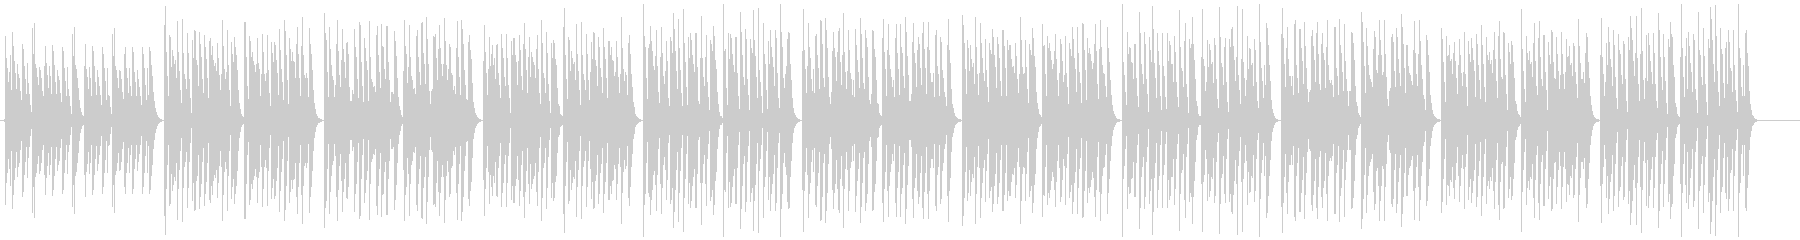 コミカル・日常・ほのぼの・マリンバの未再生の波形